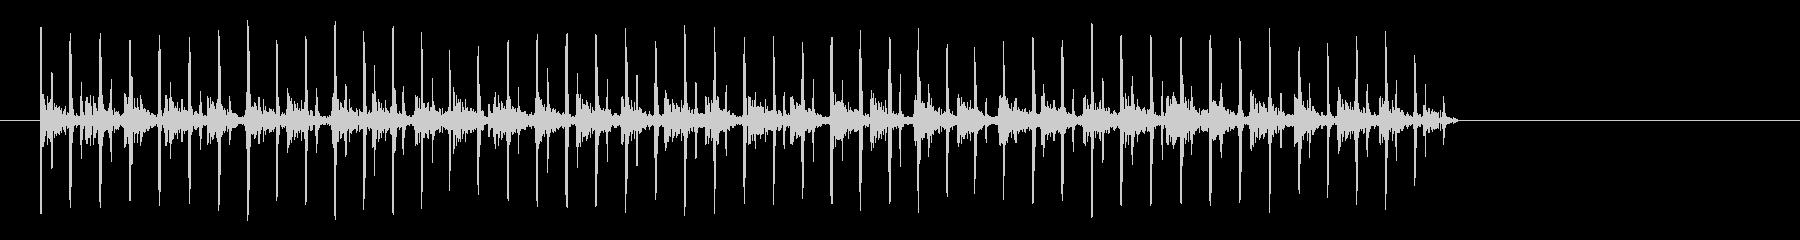 ハートビート-バージョン1の未再生の波形